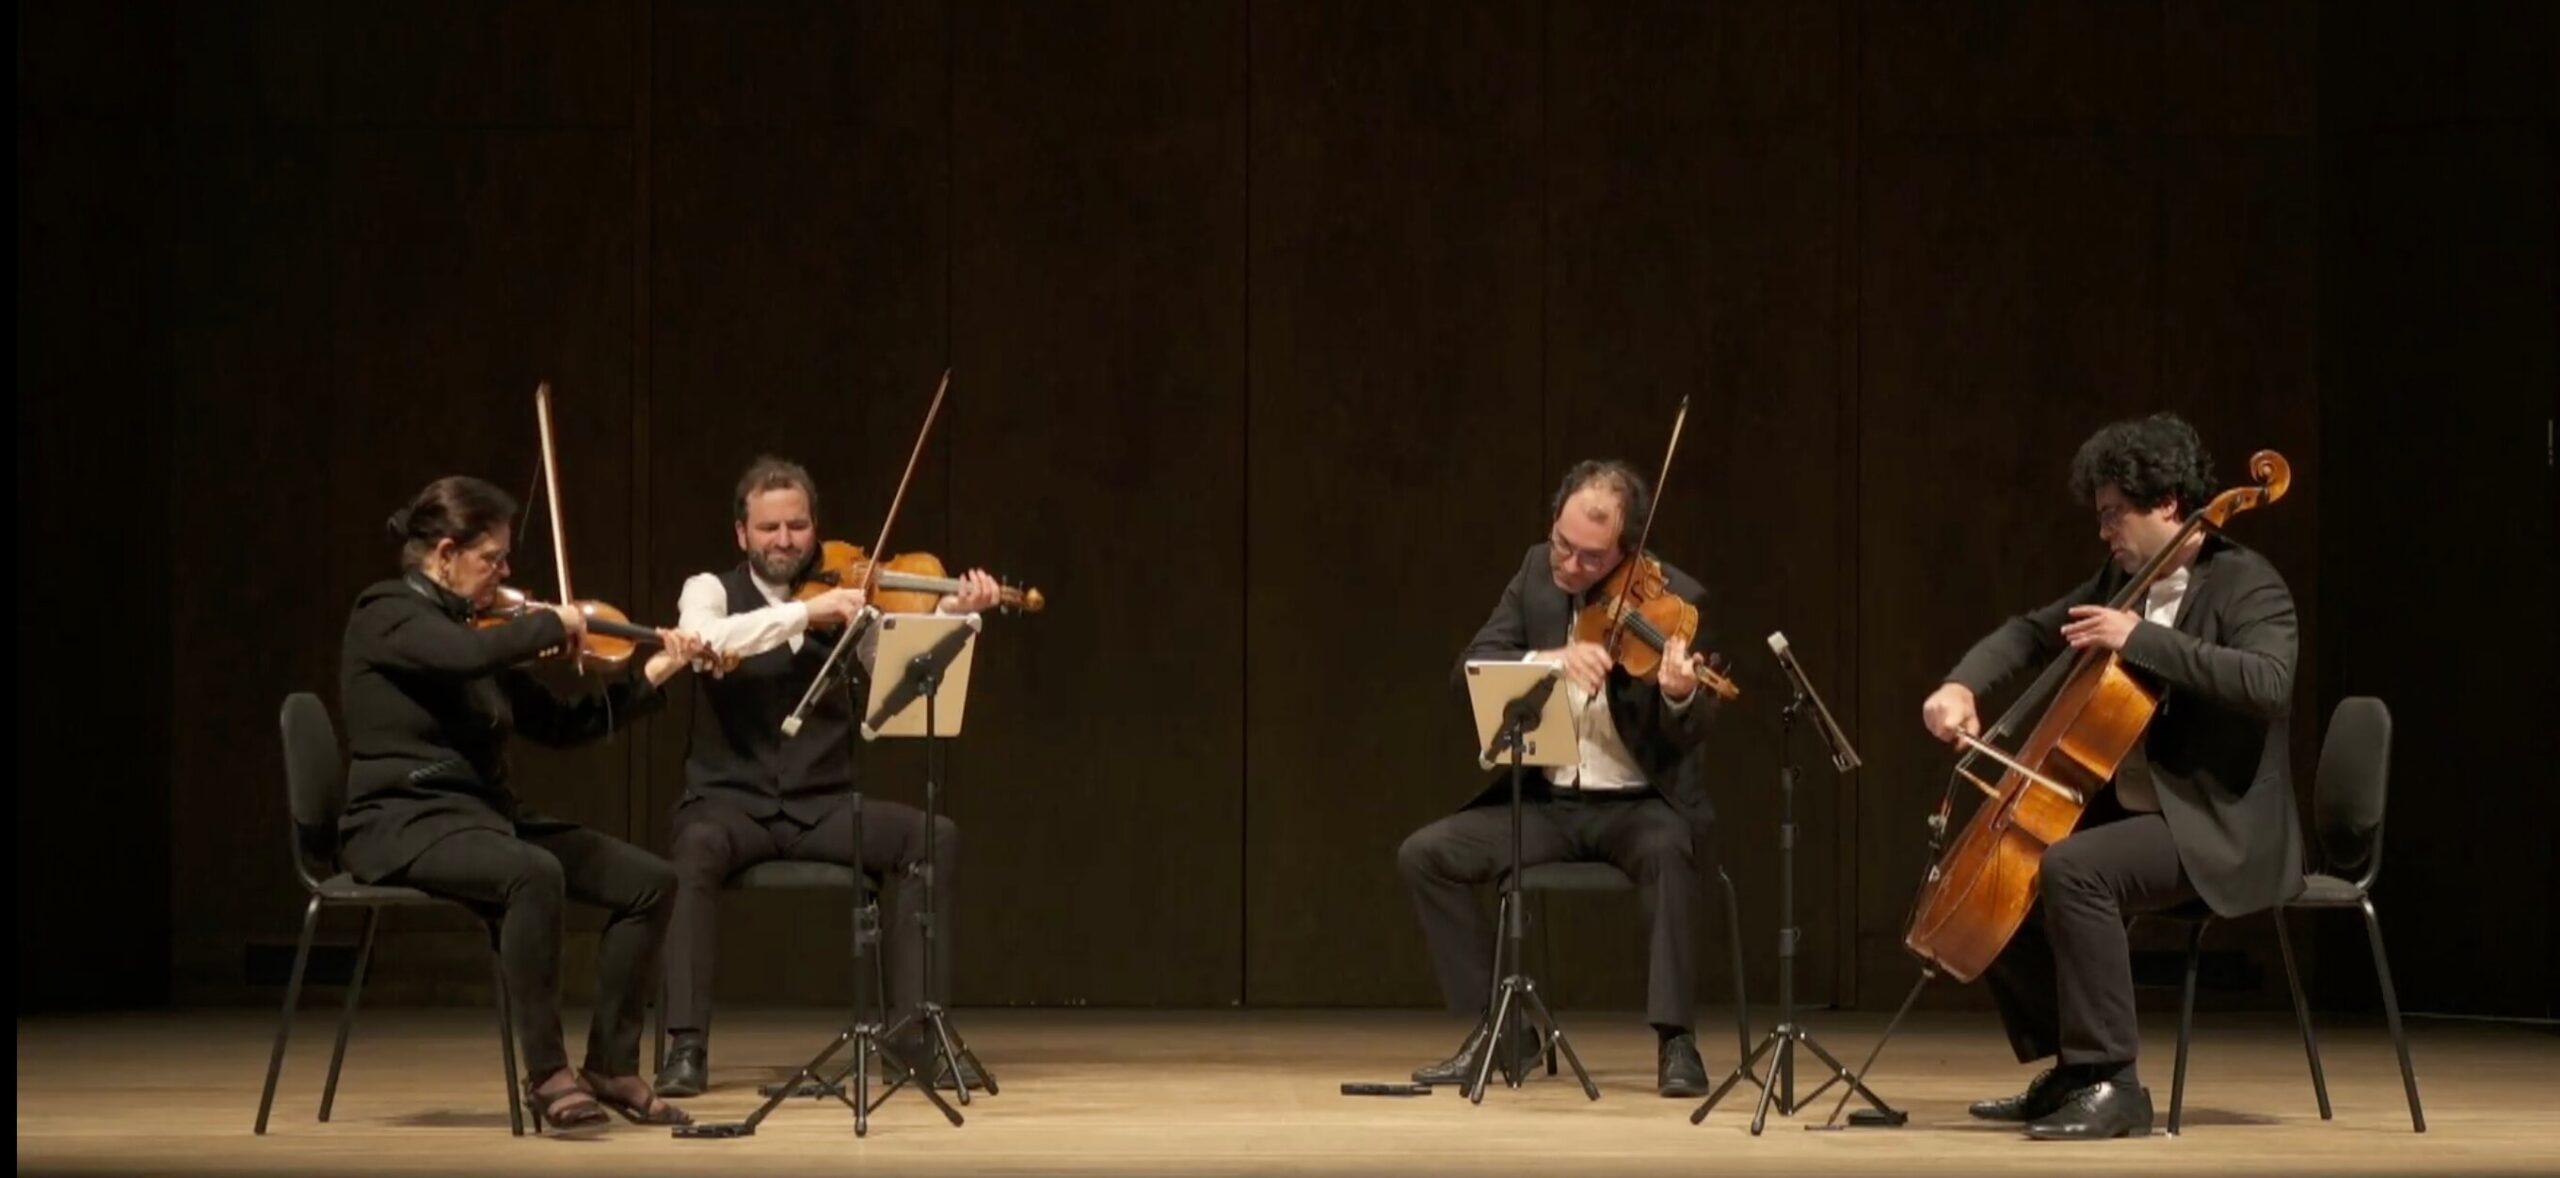 Quatuor Molinari Salle Bourgie